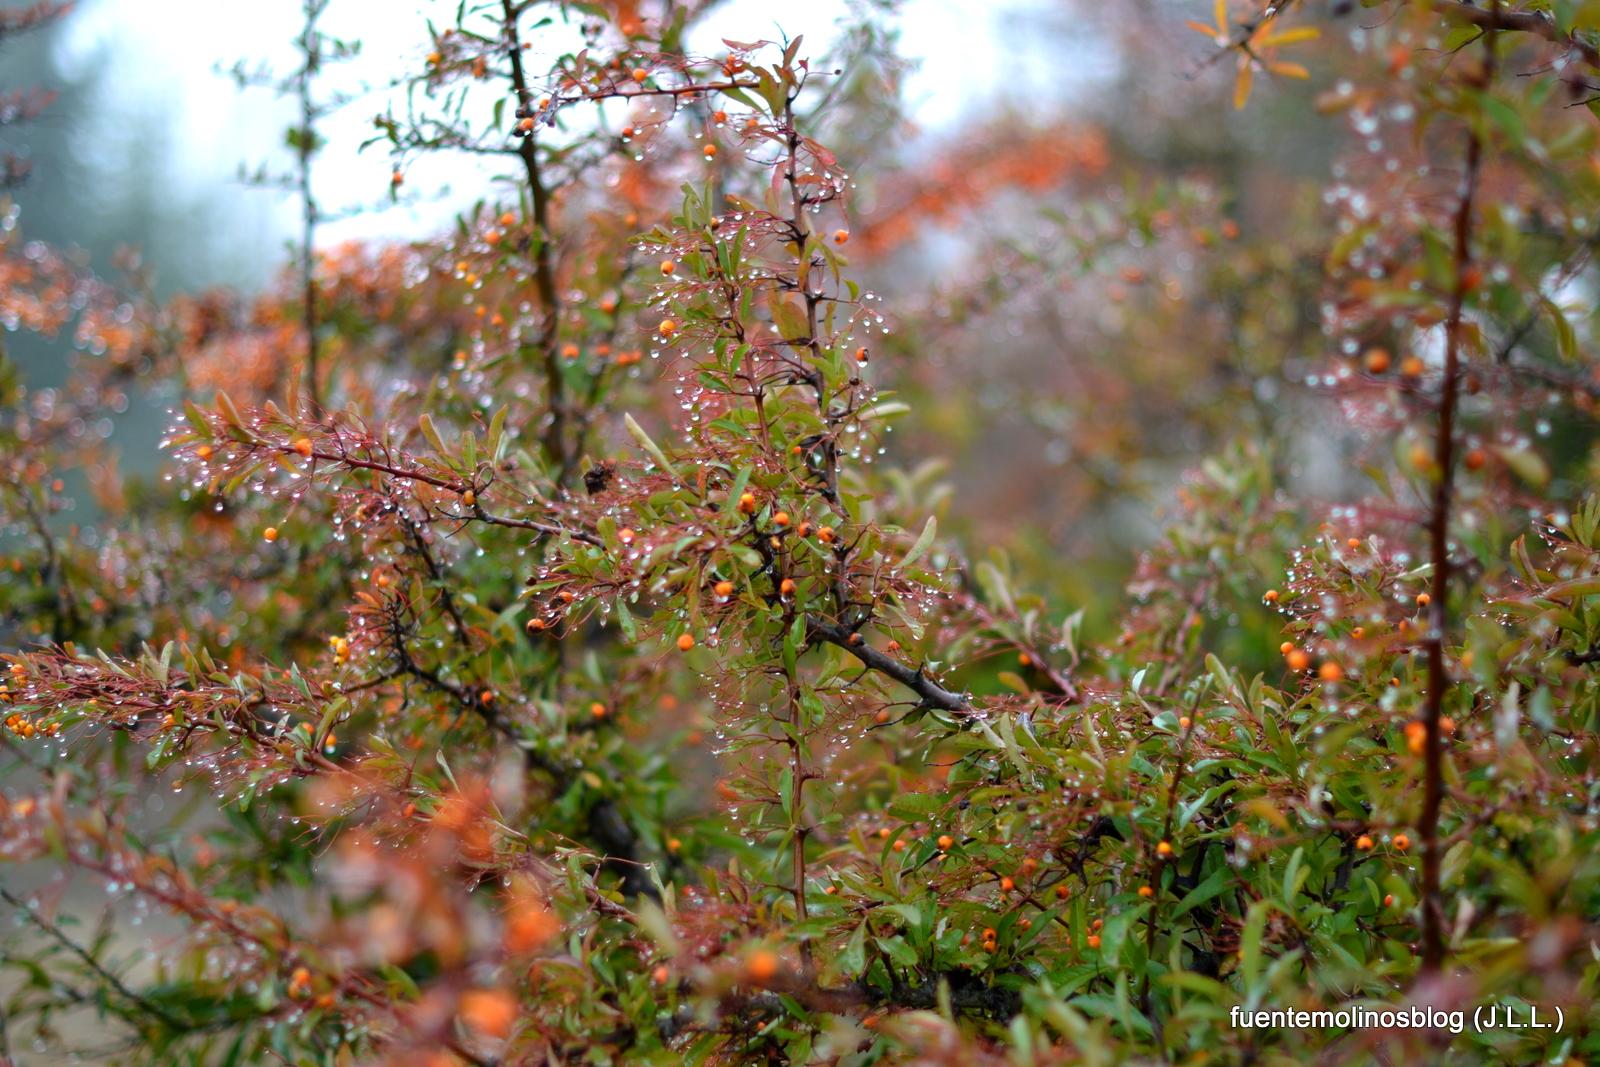 fuentemolinosblog: Notas de color de invierno